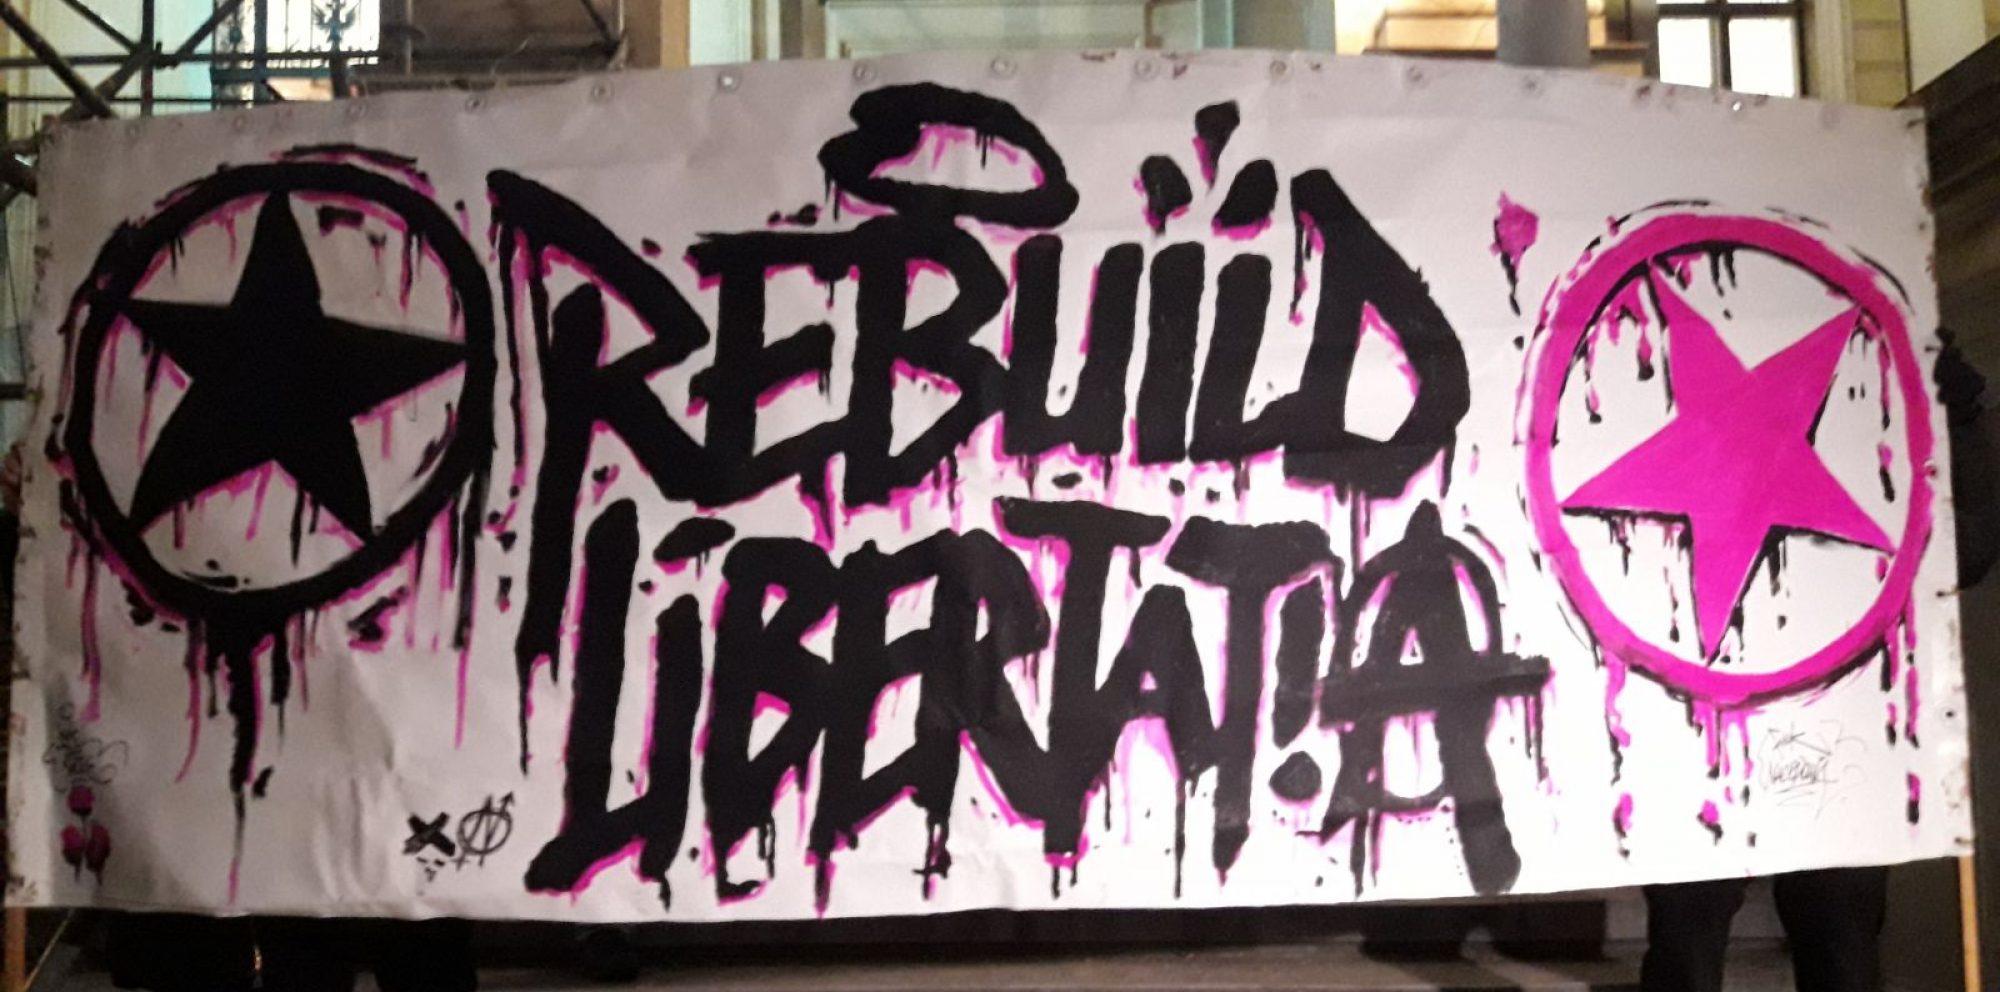 Rebuild Libertatia!